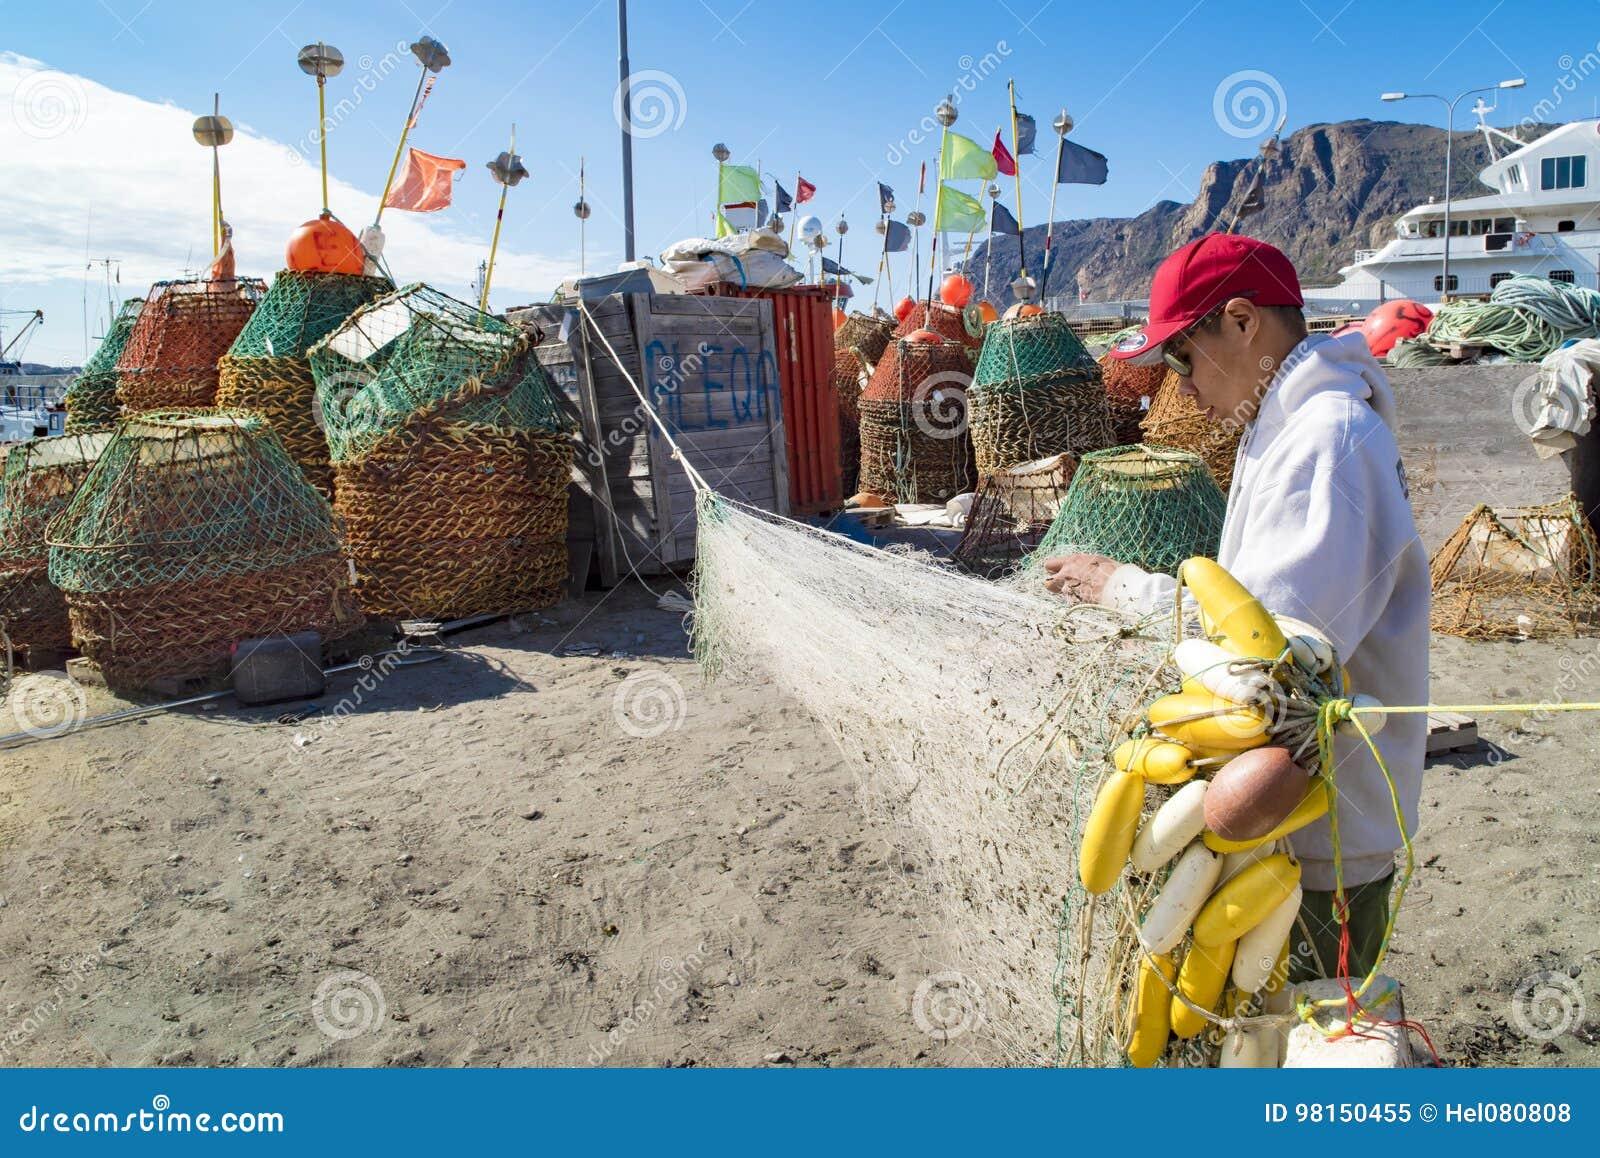 Pêcheur Greenlandic préparant des filets